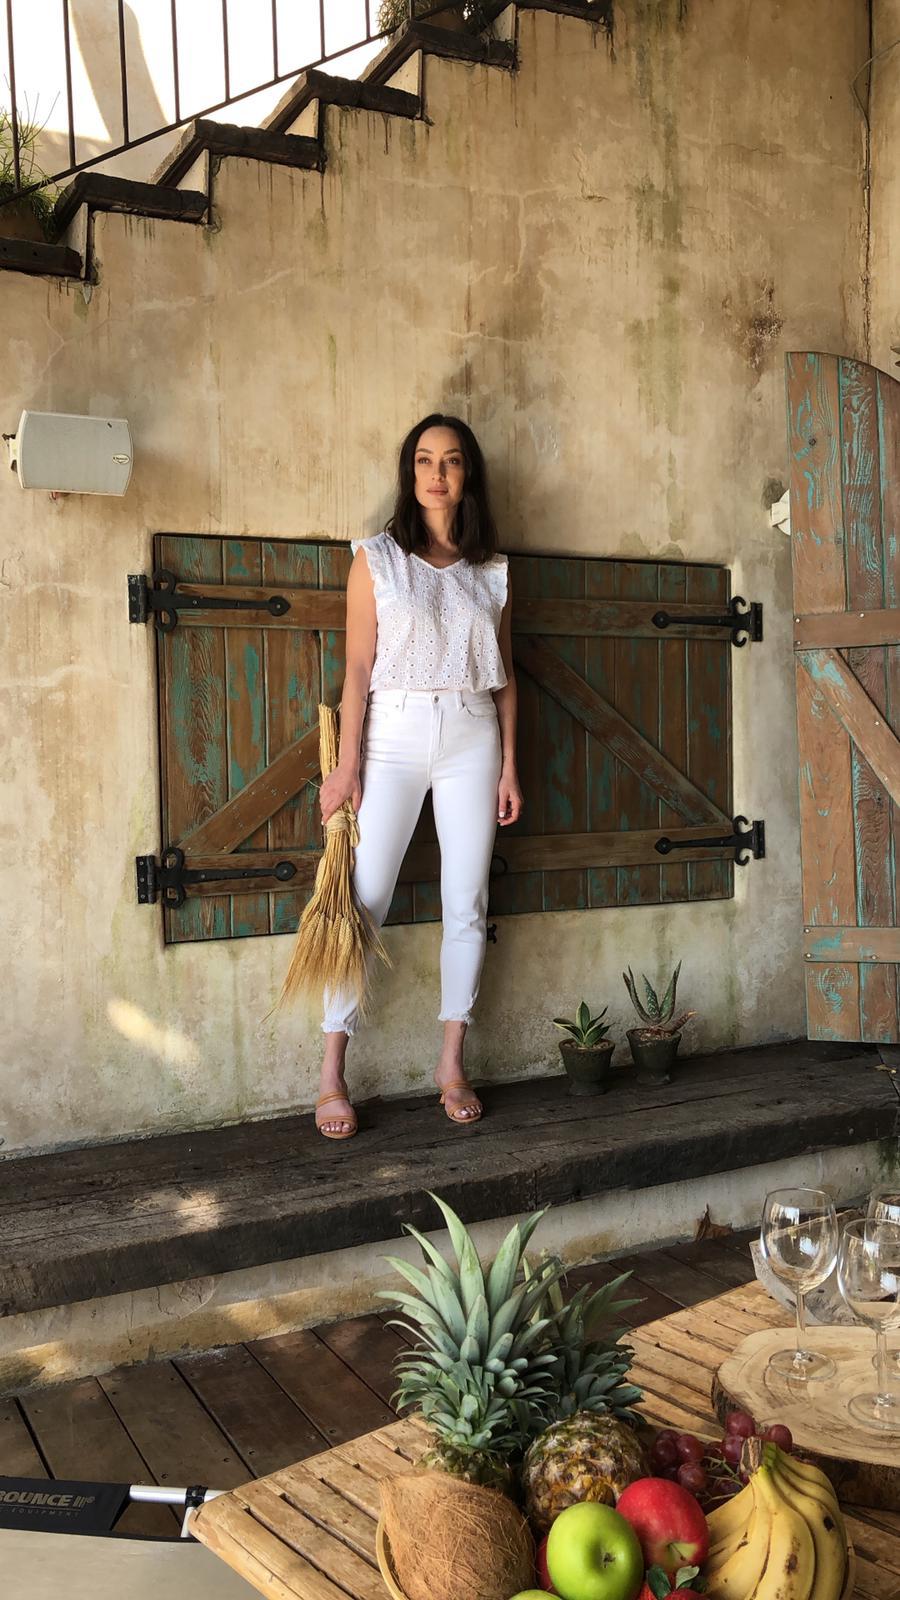 אנה ארונוב בצילומי הקמפיין